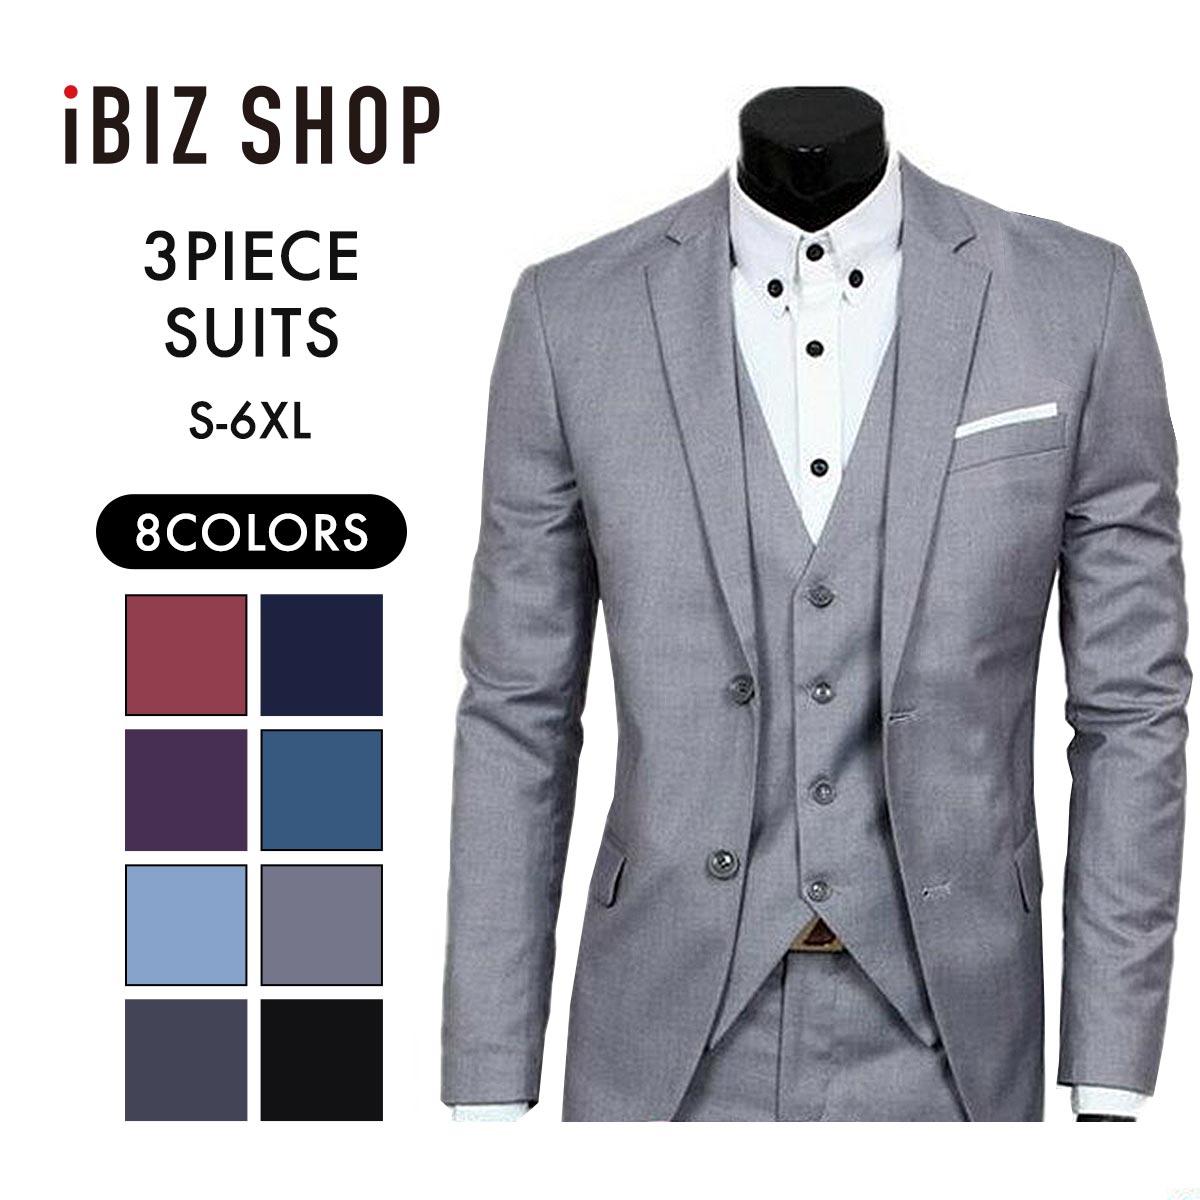 S-6XLまで対応可能の大きいサイズ スリムスーツ スリーピース スーツ メンズ カジュアルスーツ ビジネススーツ 結婚式 二次会 おしゃれスーツ 予約販売 送料無料 S-6XL 大きいサイズ セットアップ 卒業式 面接 メンズスーツ 2次会 紳士服 売り込み 大きめ リクルートスーツ 入学式 3ピース 2Bスーツ フォーマルスーツ セール特価品